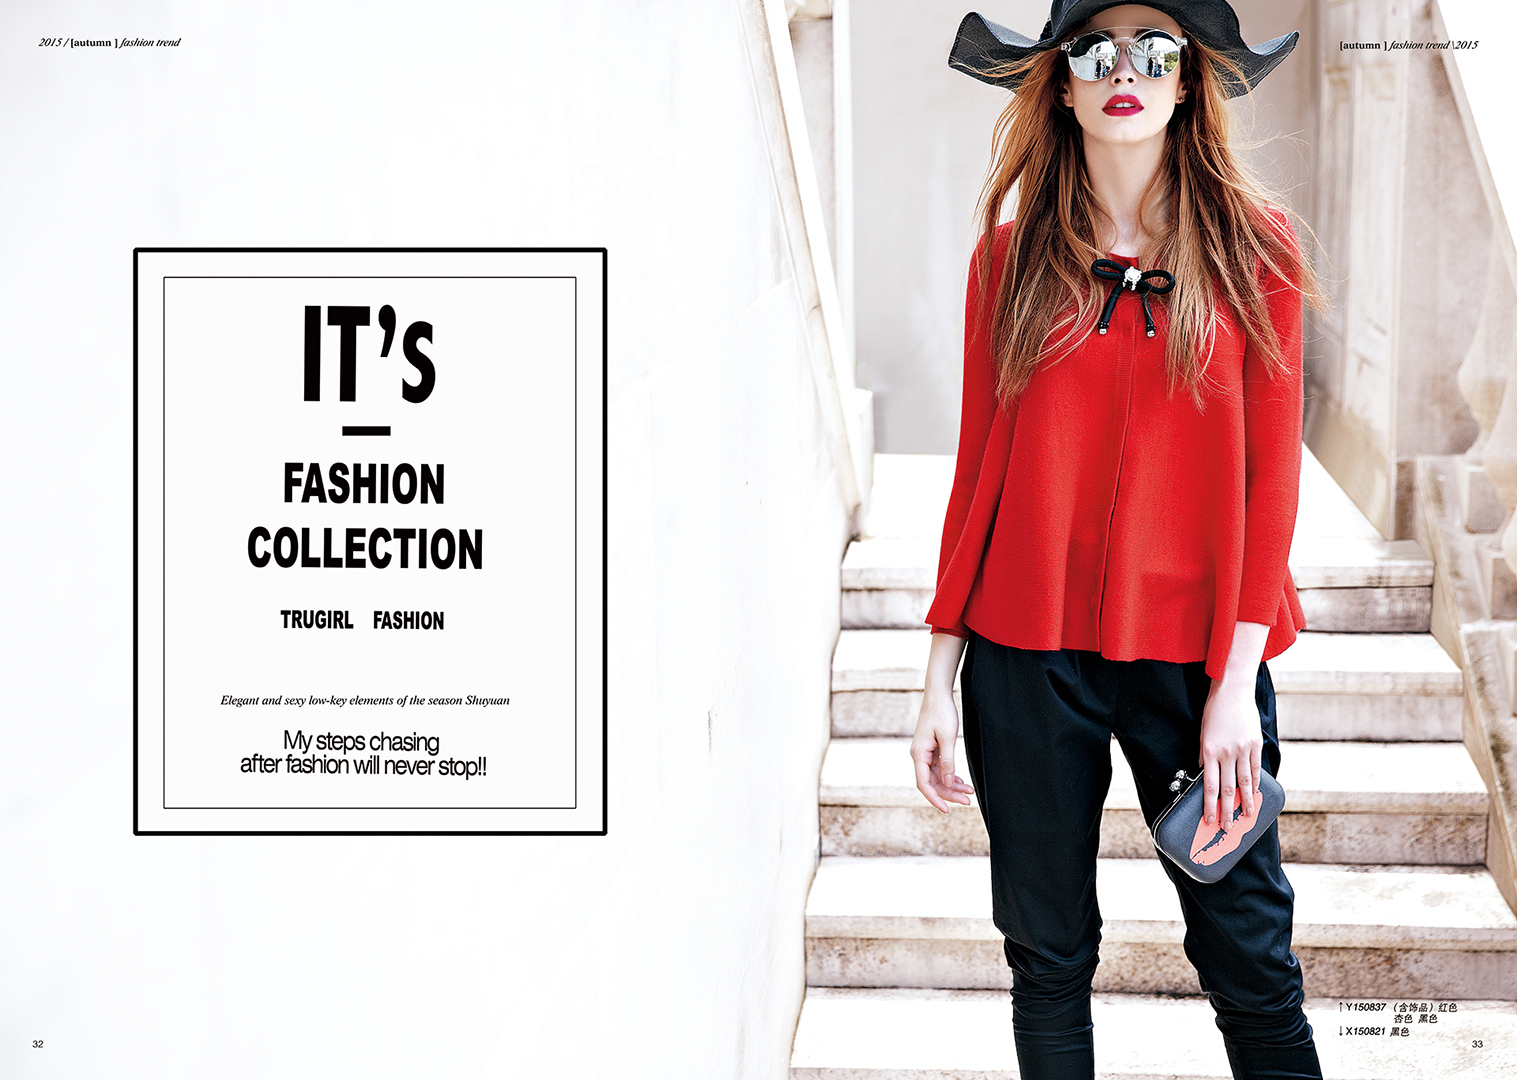 楚阁国际女装 是您创业开店的不错选择!